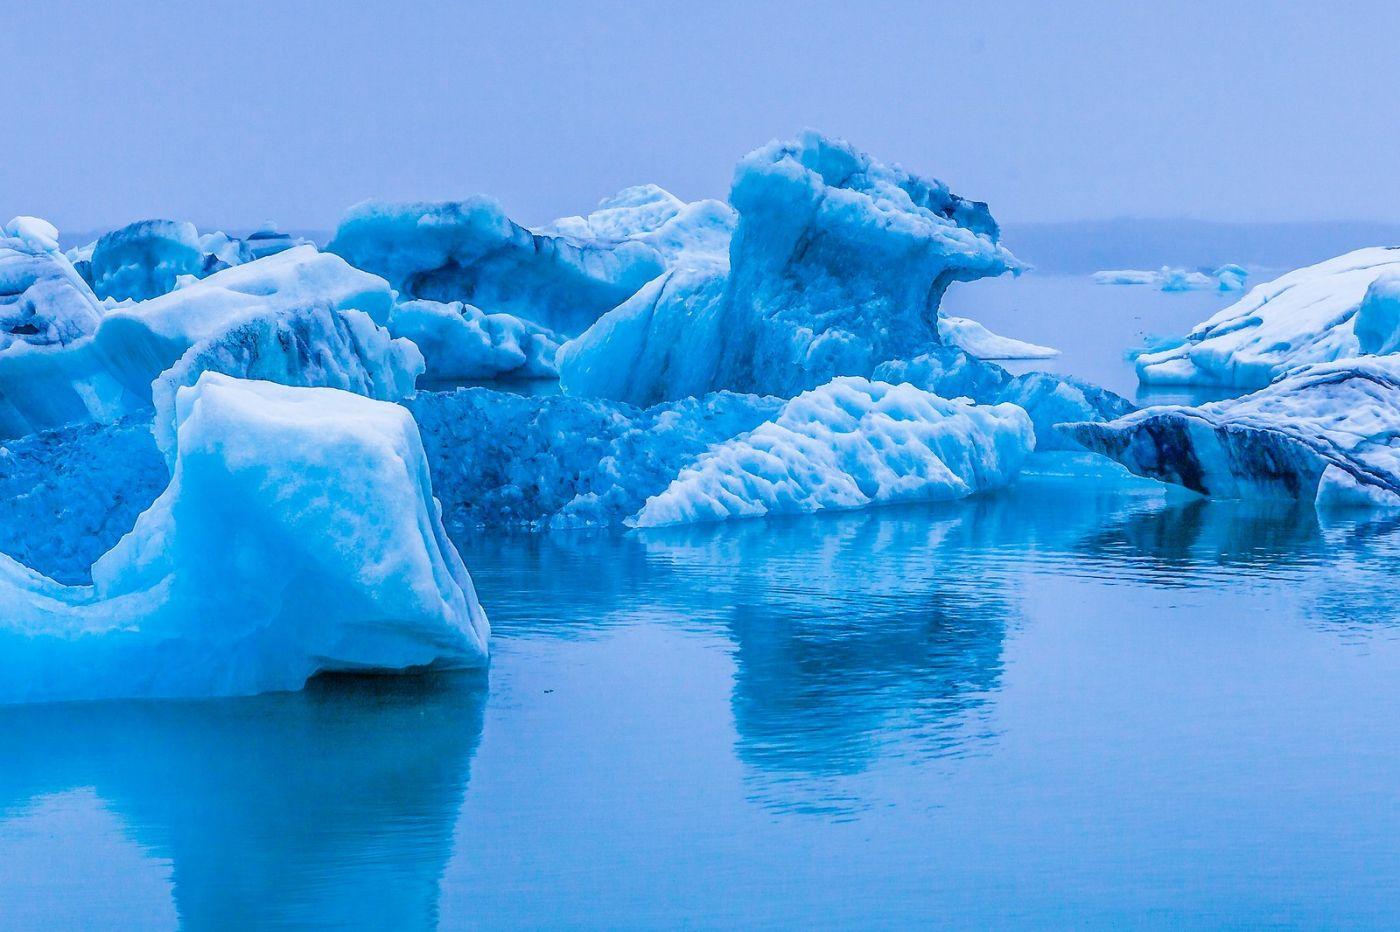 冰岛冰川泻湖(Glacier Lagoon),自然雕塑_图1-27